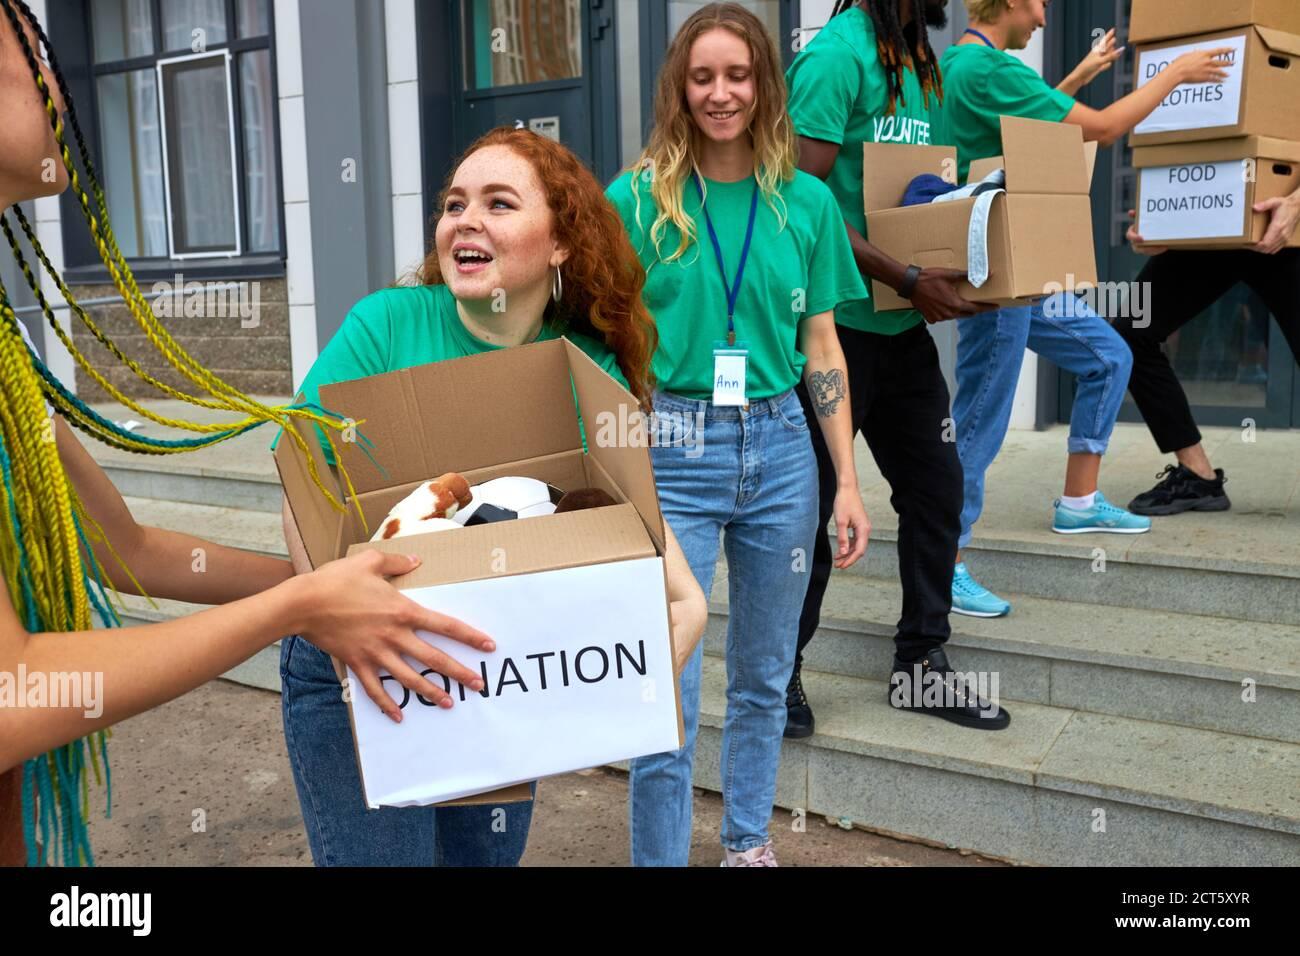 diversos voluntarios empaquetando, recogiendo ayuda humanitaria en caja de donaciones. grupo multiétnico de personas que trabajan en fundaciones caritativas ayudando en cris Foto de stock